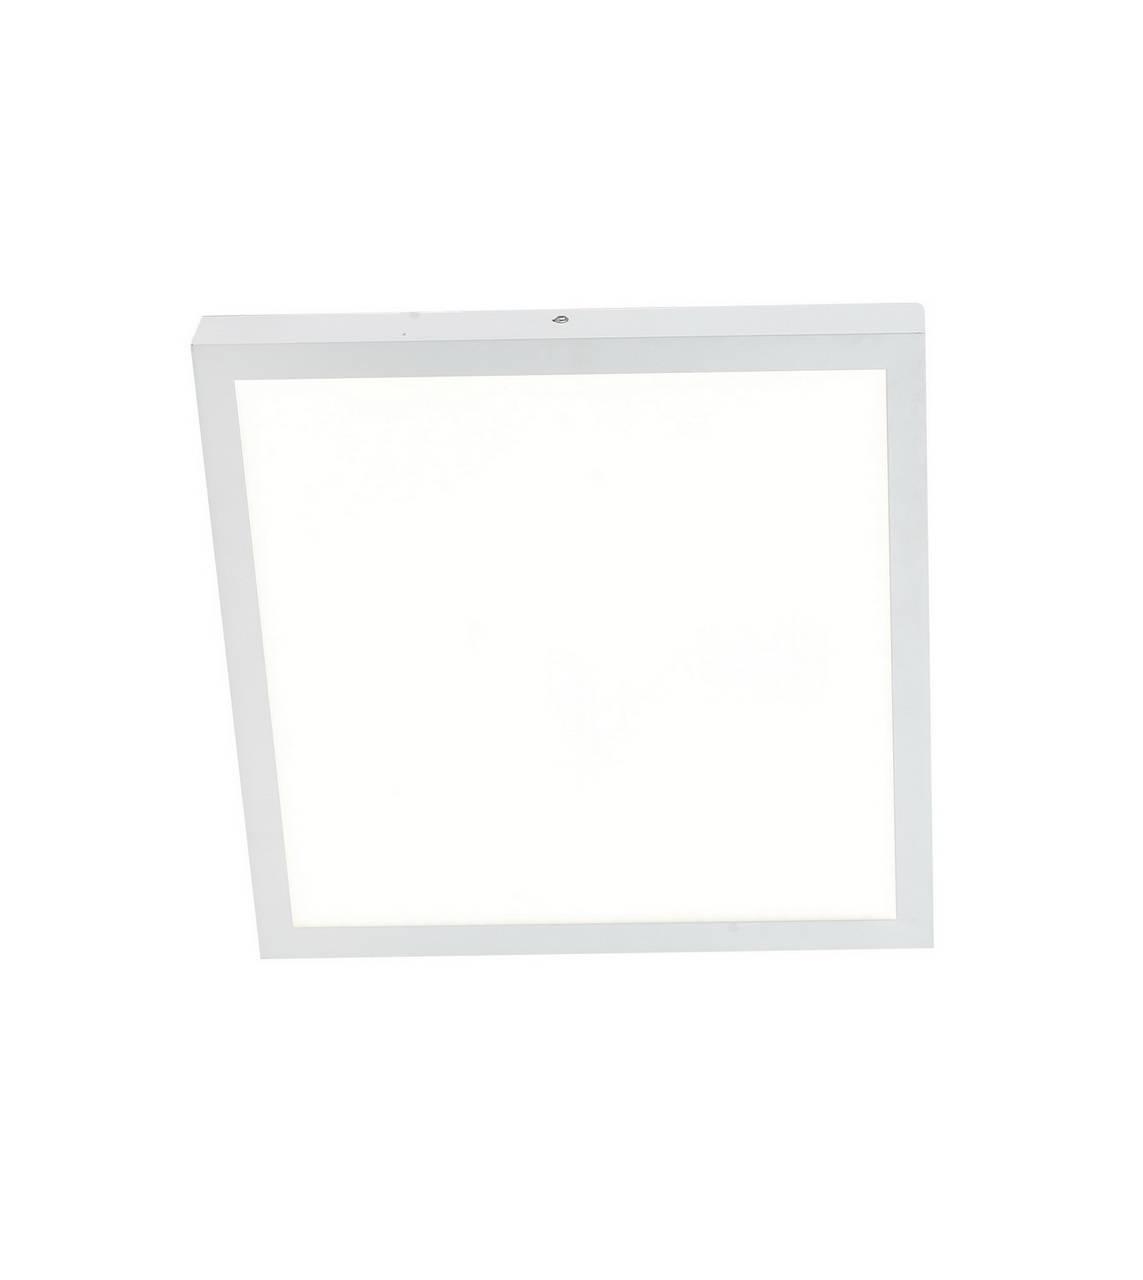 Потолочный светильник Favourite Flashled 1349-24C потолочный светильник favourite flashled 1349 24c